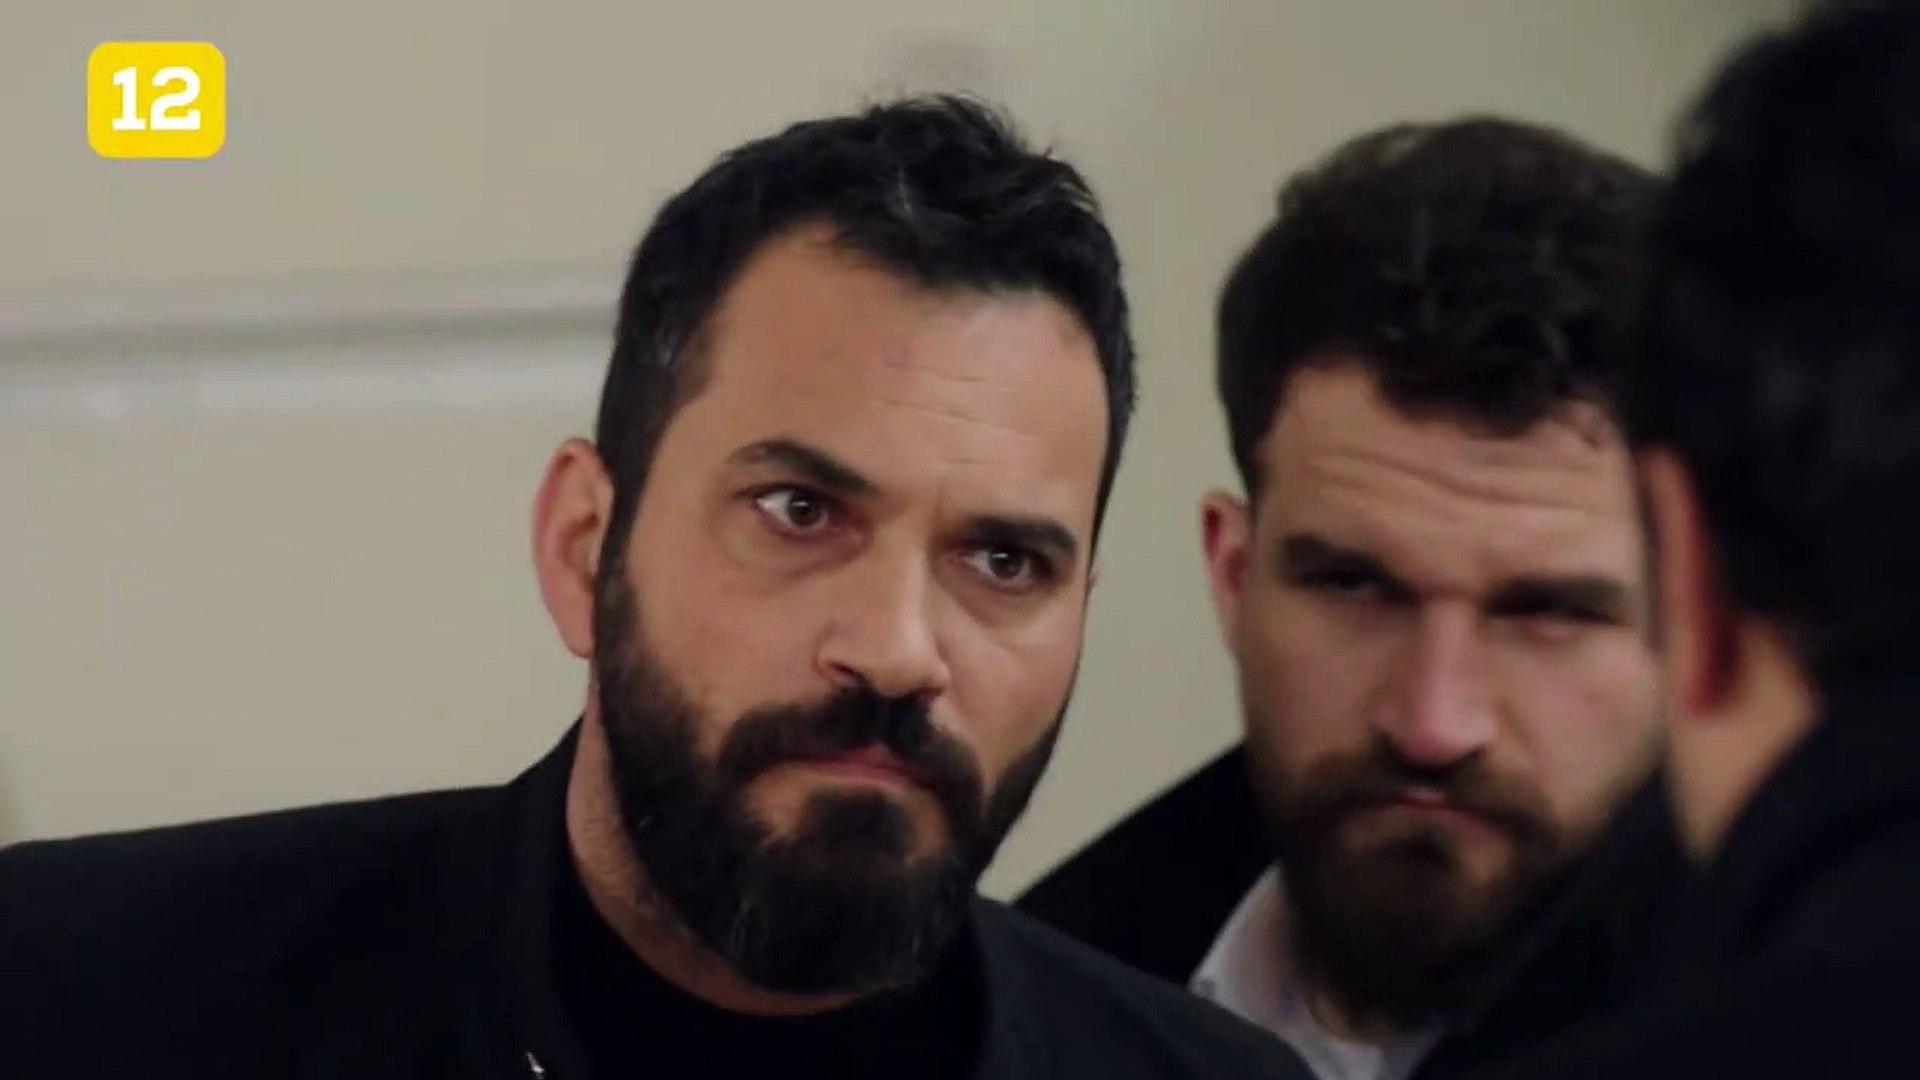 Asas Do Amor - Capitulo 88 Completo 13-10-2018 HDTV ll Asas Do Amor - Capitulo 88 Completo 13-10-201